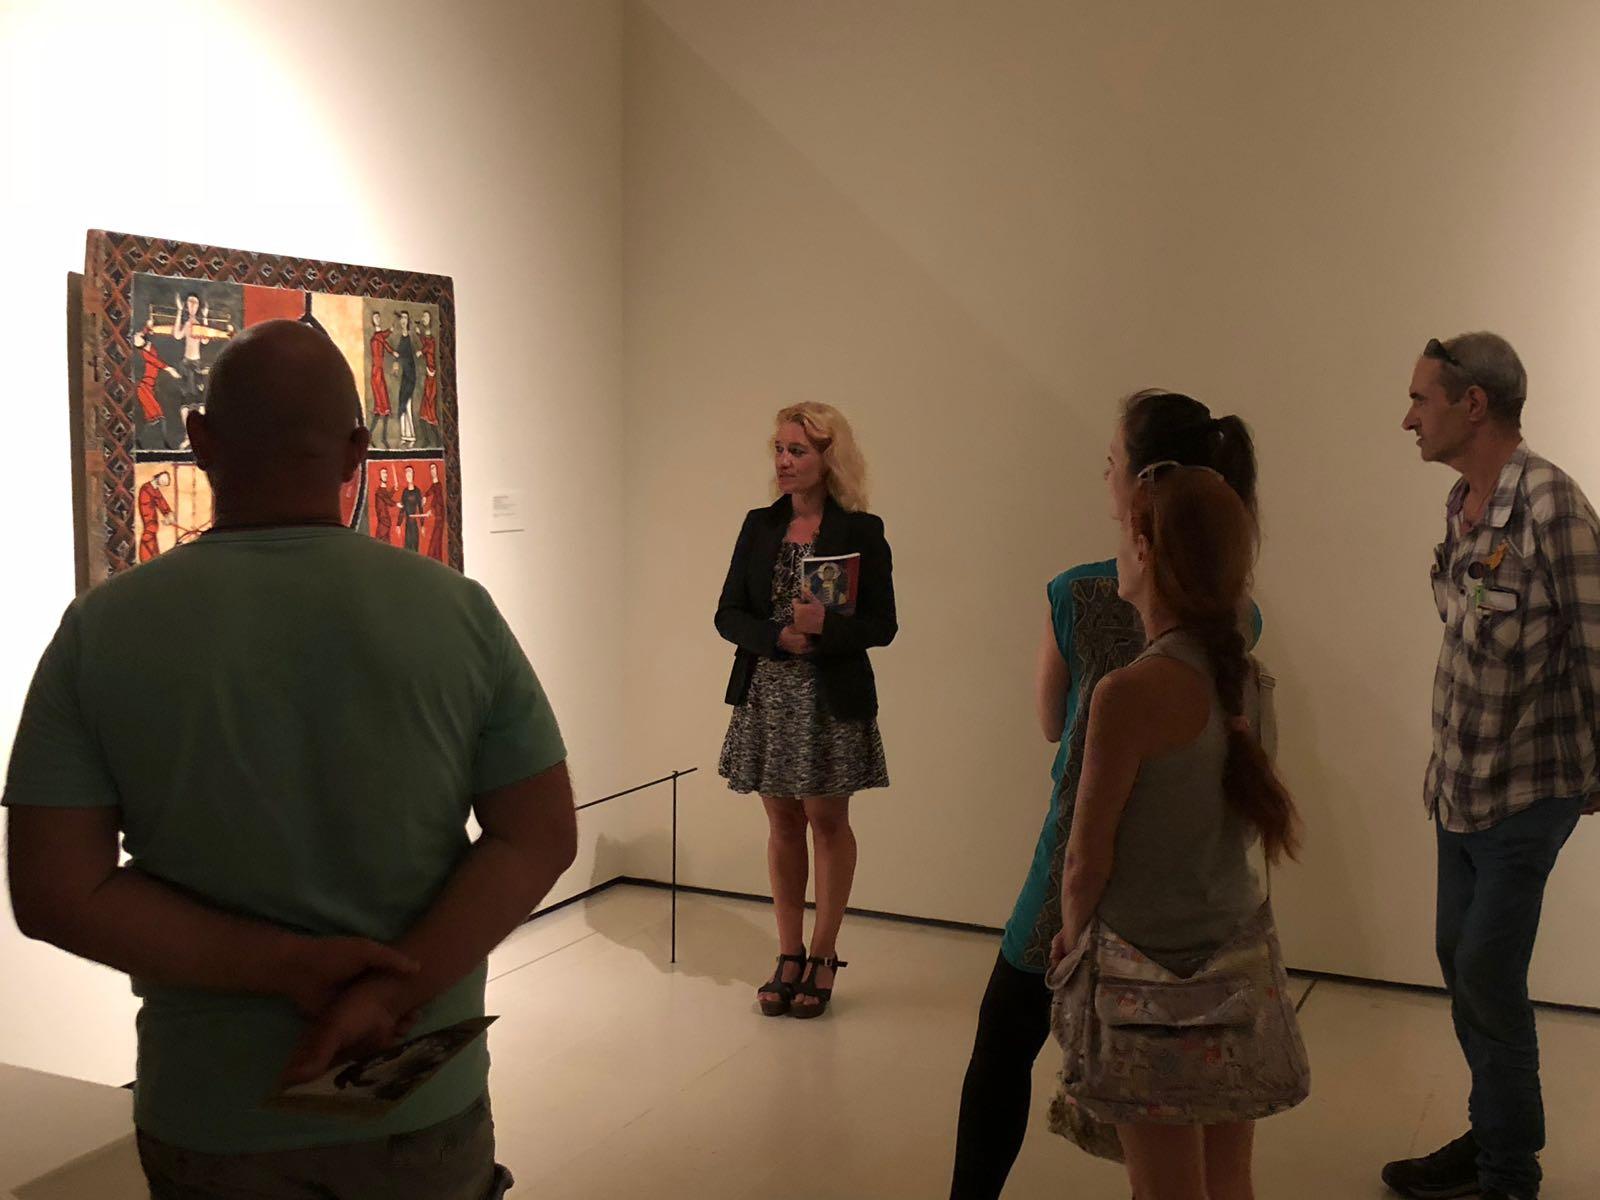 Judith, Homeless Entrepreneur en nuestro programa, dando a conocer el arte y su pasión por ello.